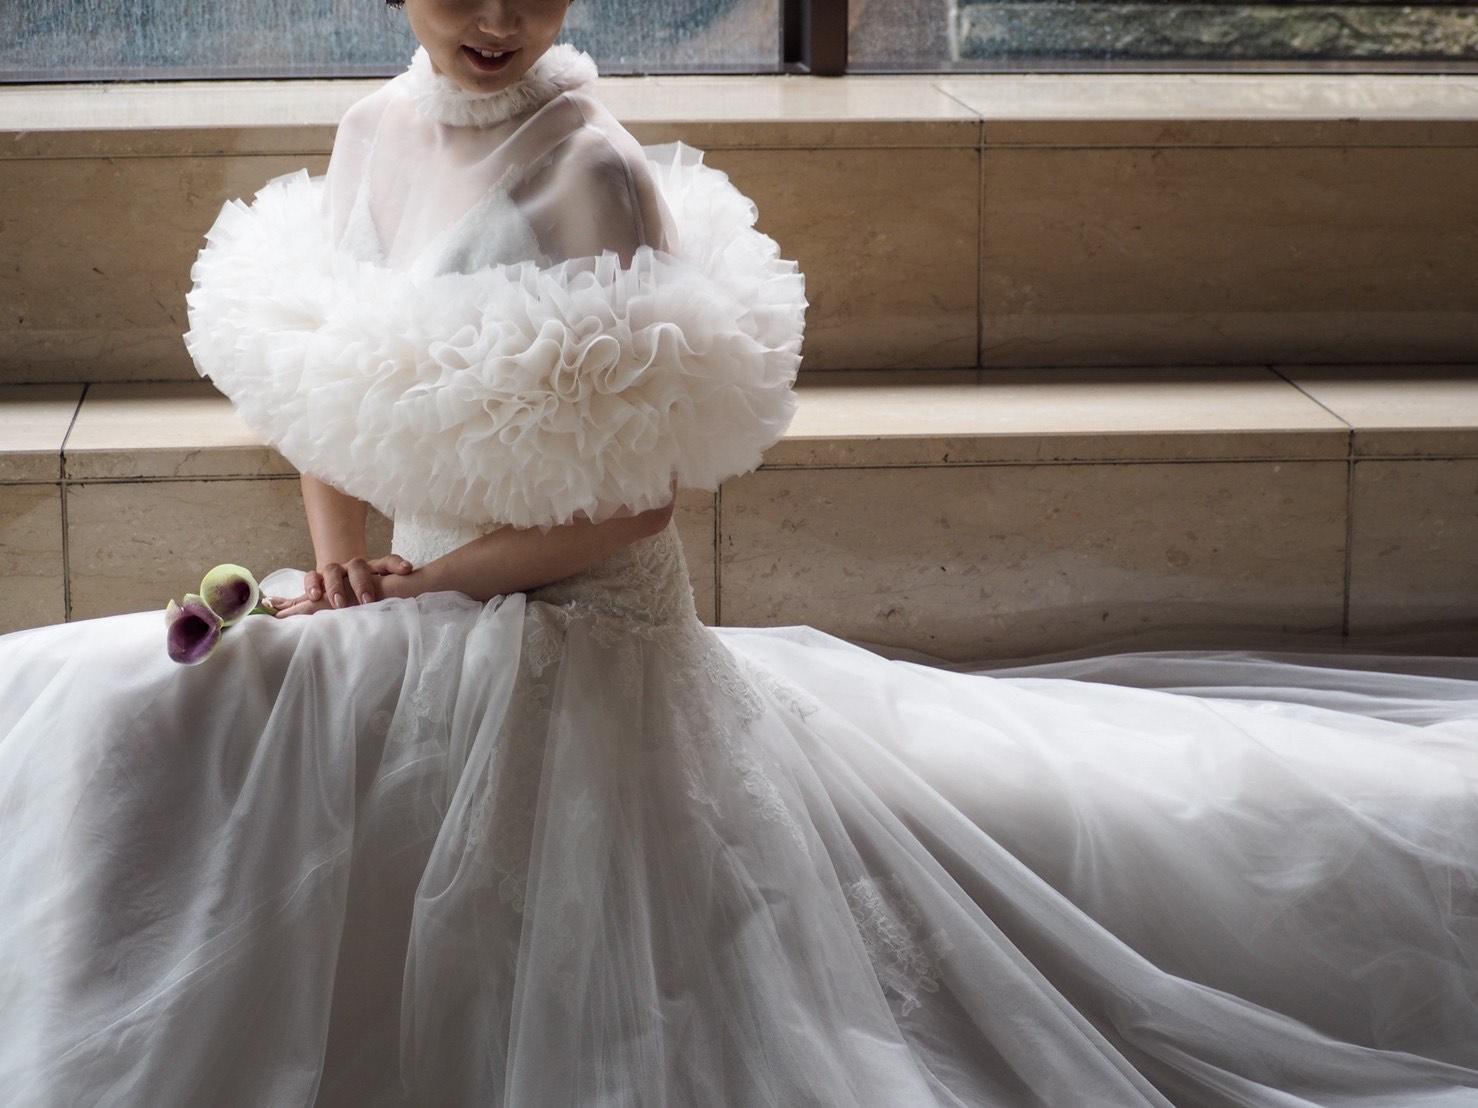 クラシカルさとデコルテの透け感が美しいTOMO KOIZUMI(トモ コイズミ)のケープとMonique Lhuillier(モニーク ルイリエ)のドレスのご紹介